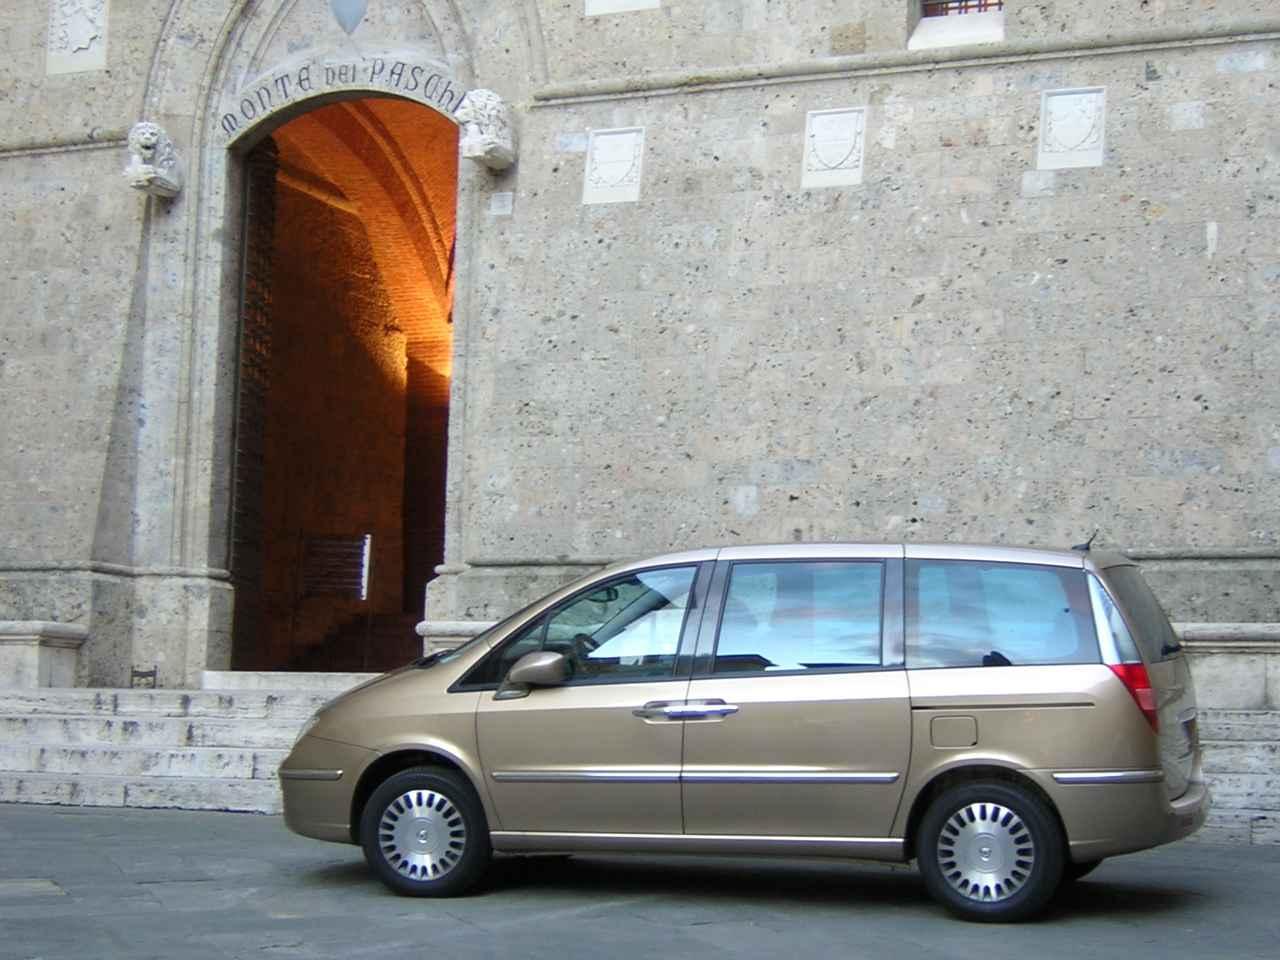 画像: 一般家庭でも興味を示したMPVは、このランチア・フェドラ(および姉妹車のフィアット・ウリッセ。2002年-2010年)が最後であった。2005年撮影。